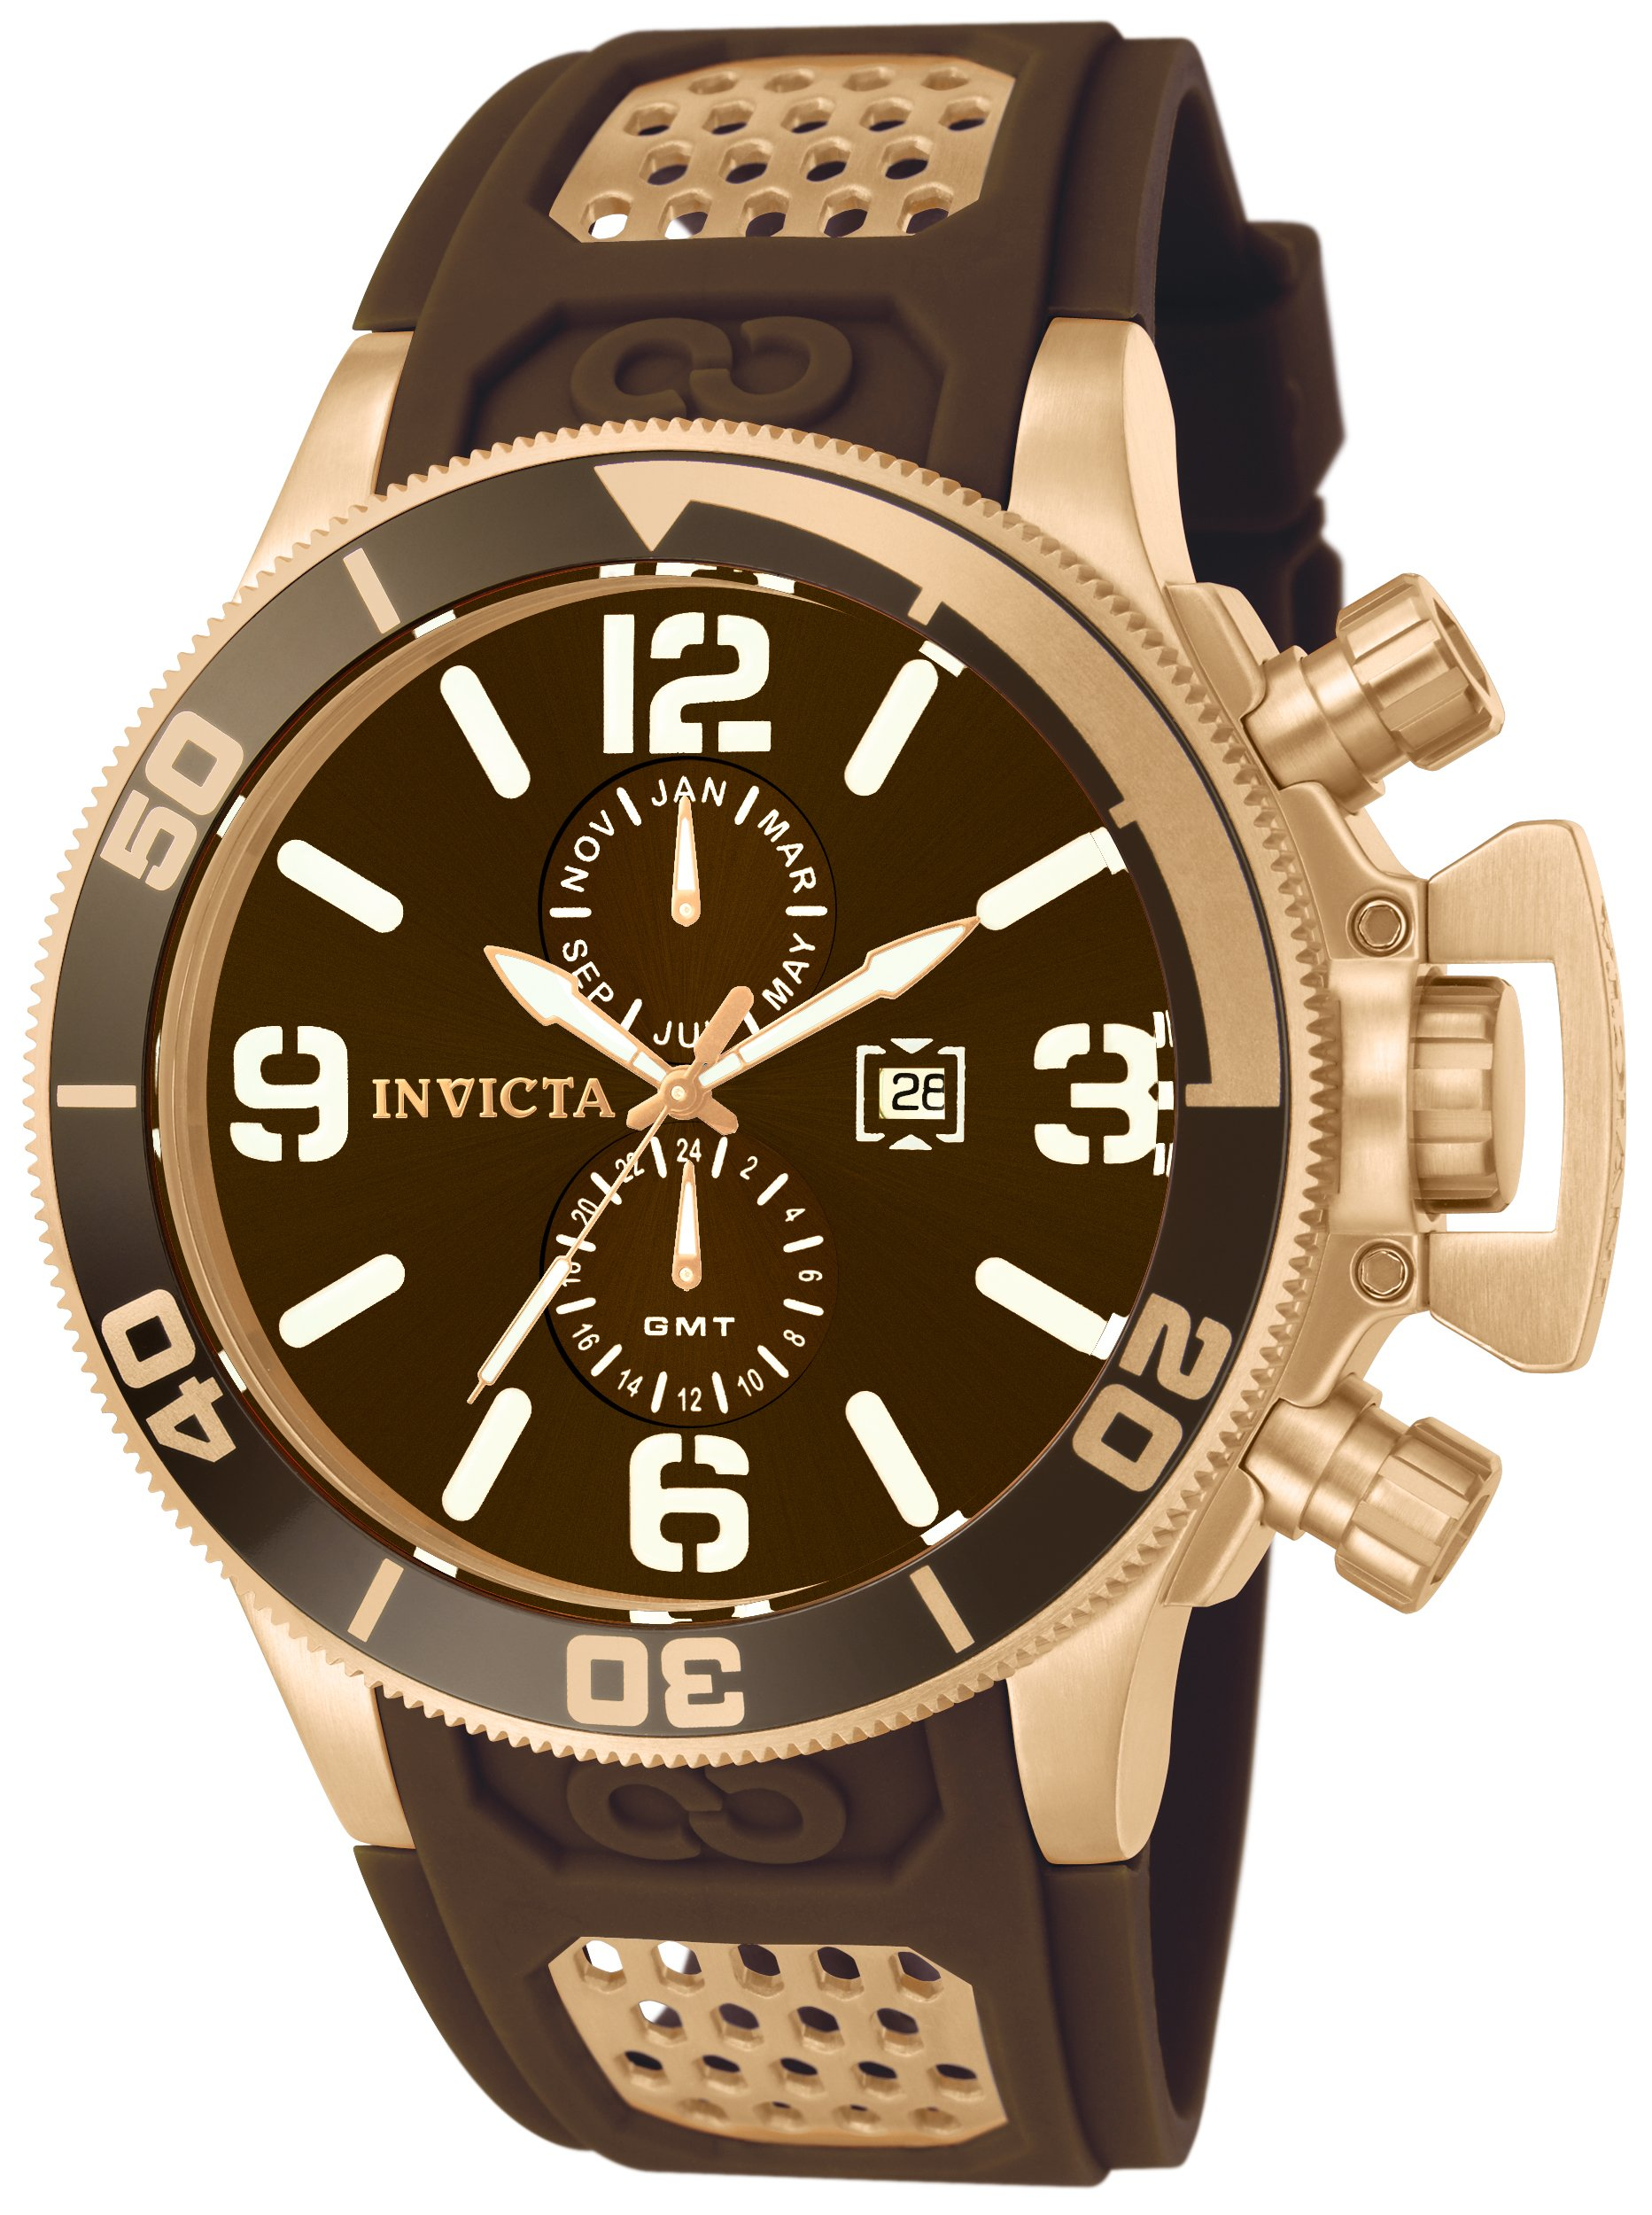 Invicta 10506 Corduba Reloj para Hombre acero inoxidable Cuarzo Esfera marrón